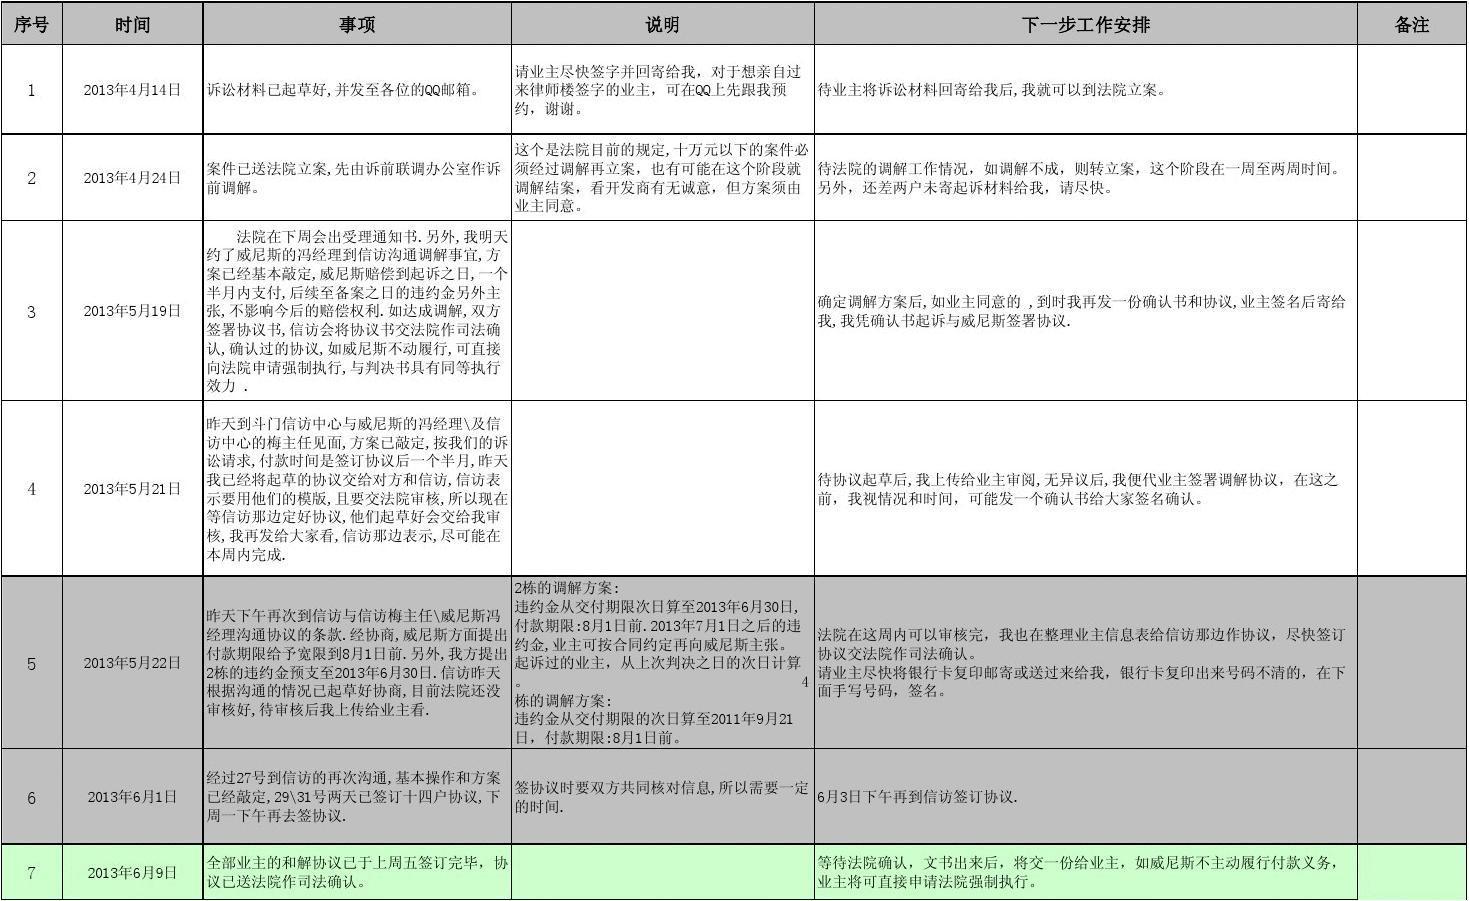 案件进度表 (8月8日)